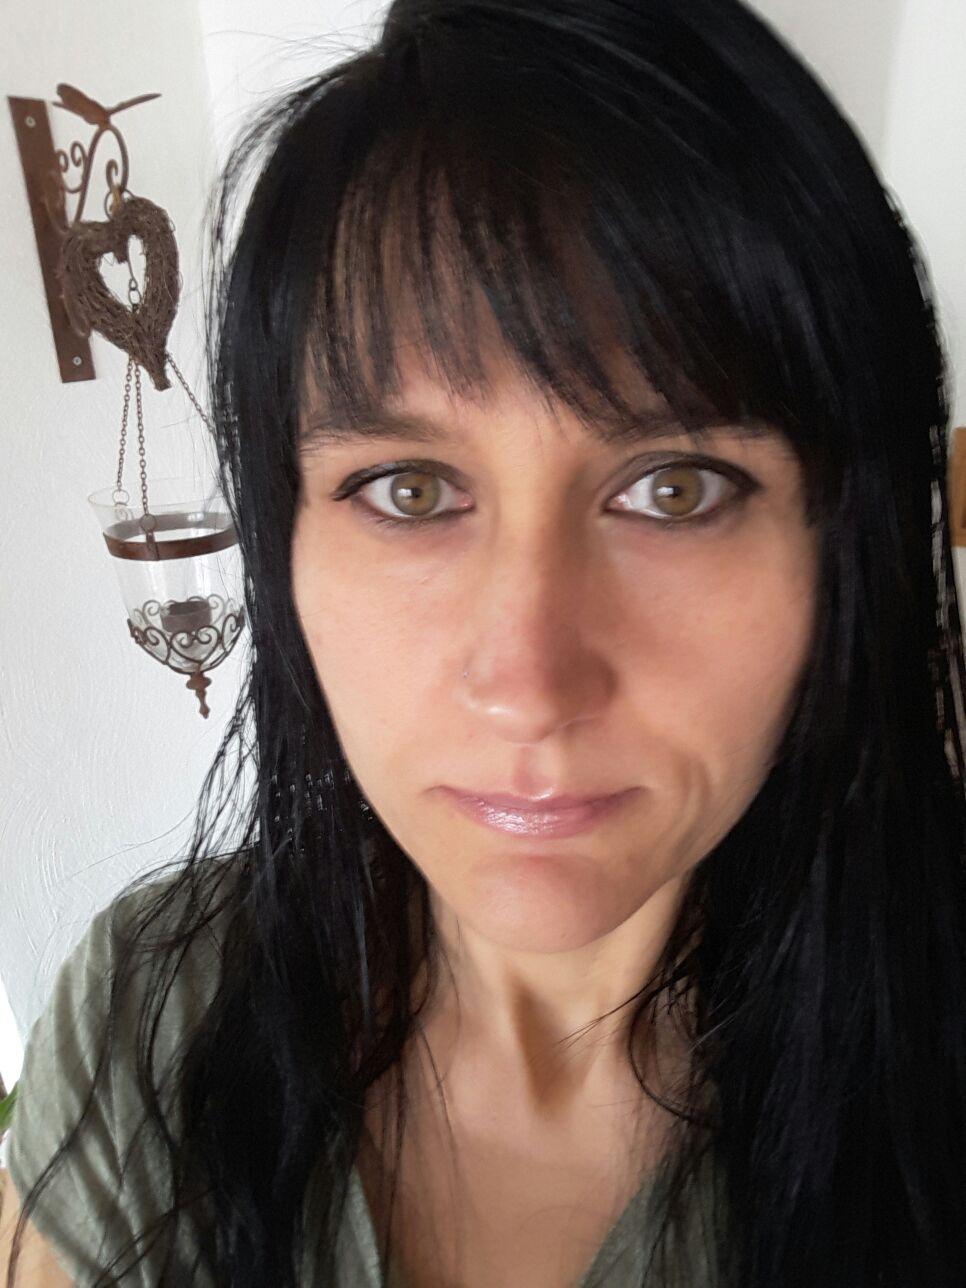 Tanja Mick